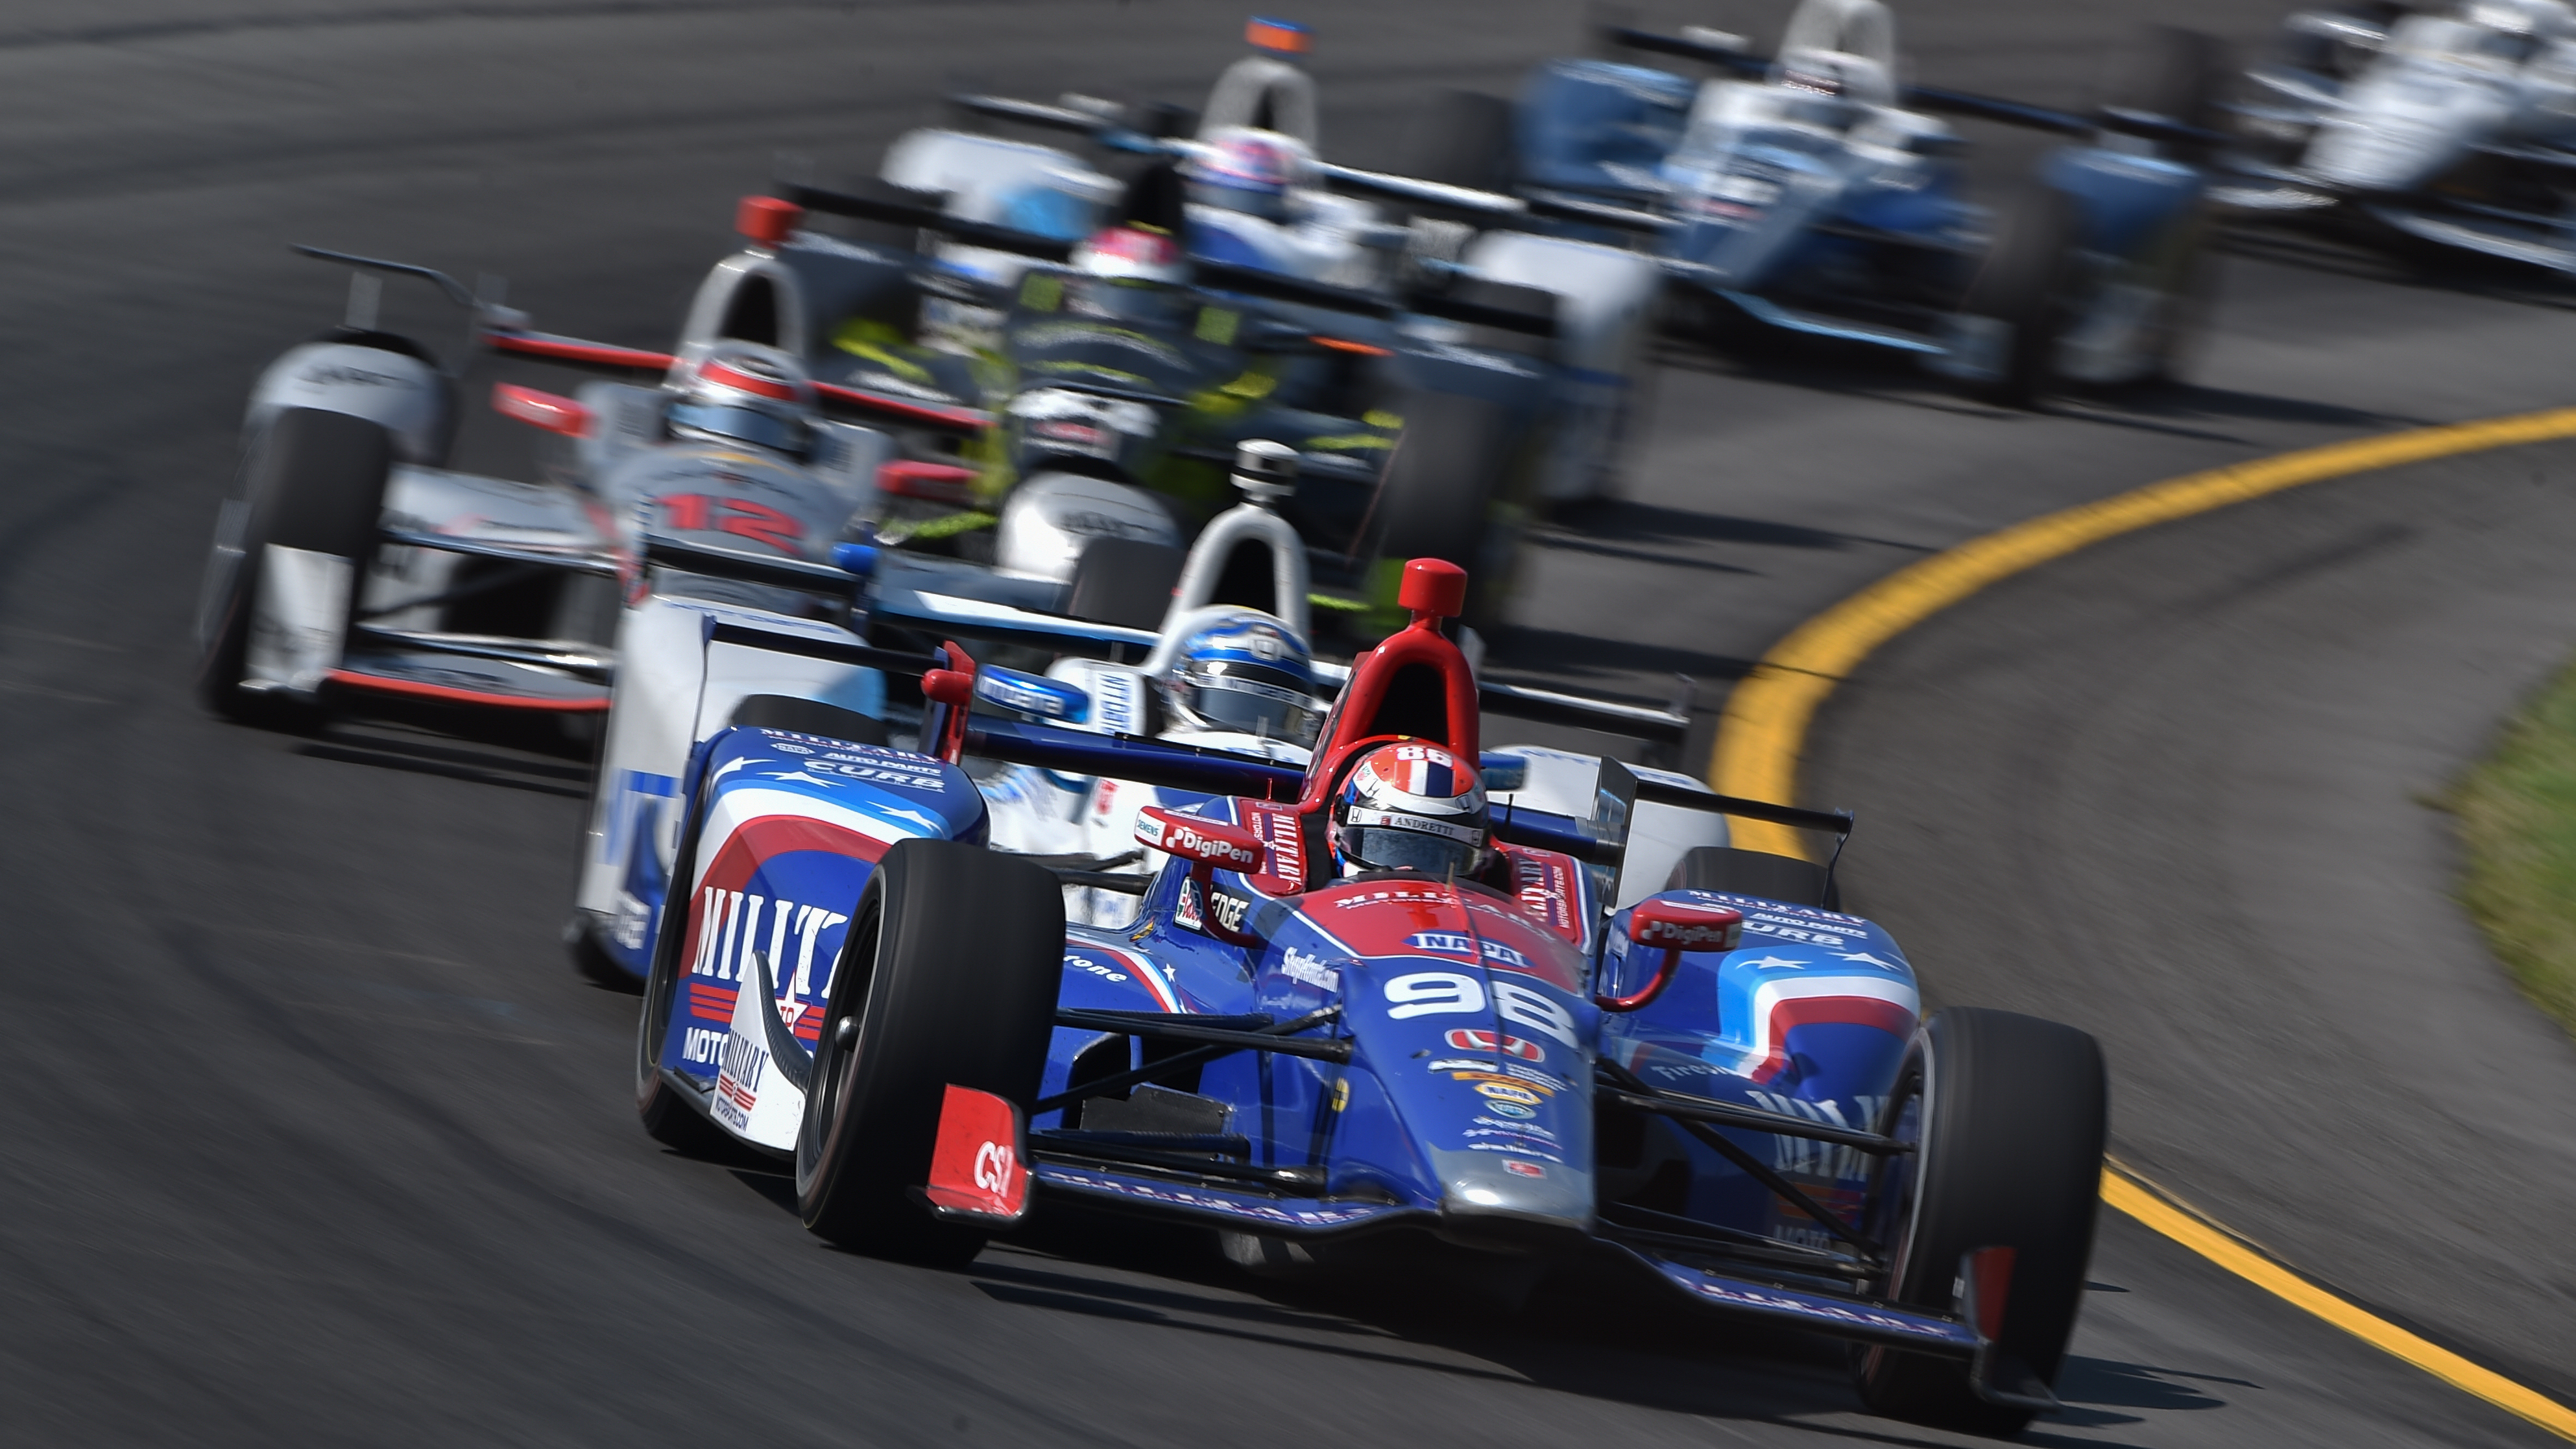 Dallara, vent'anni in Indycar: arriva la vittoria numero 300 della Casa nata a Varano de' Melegari.